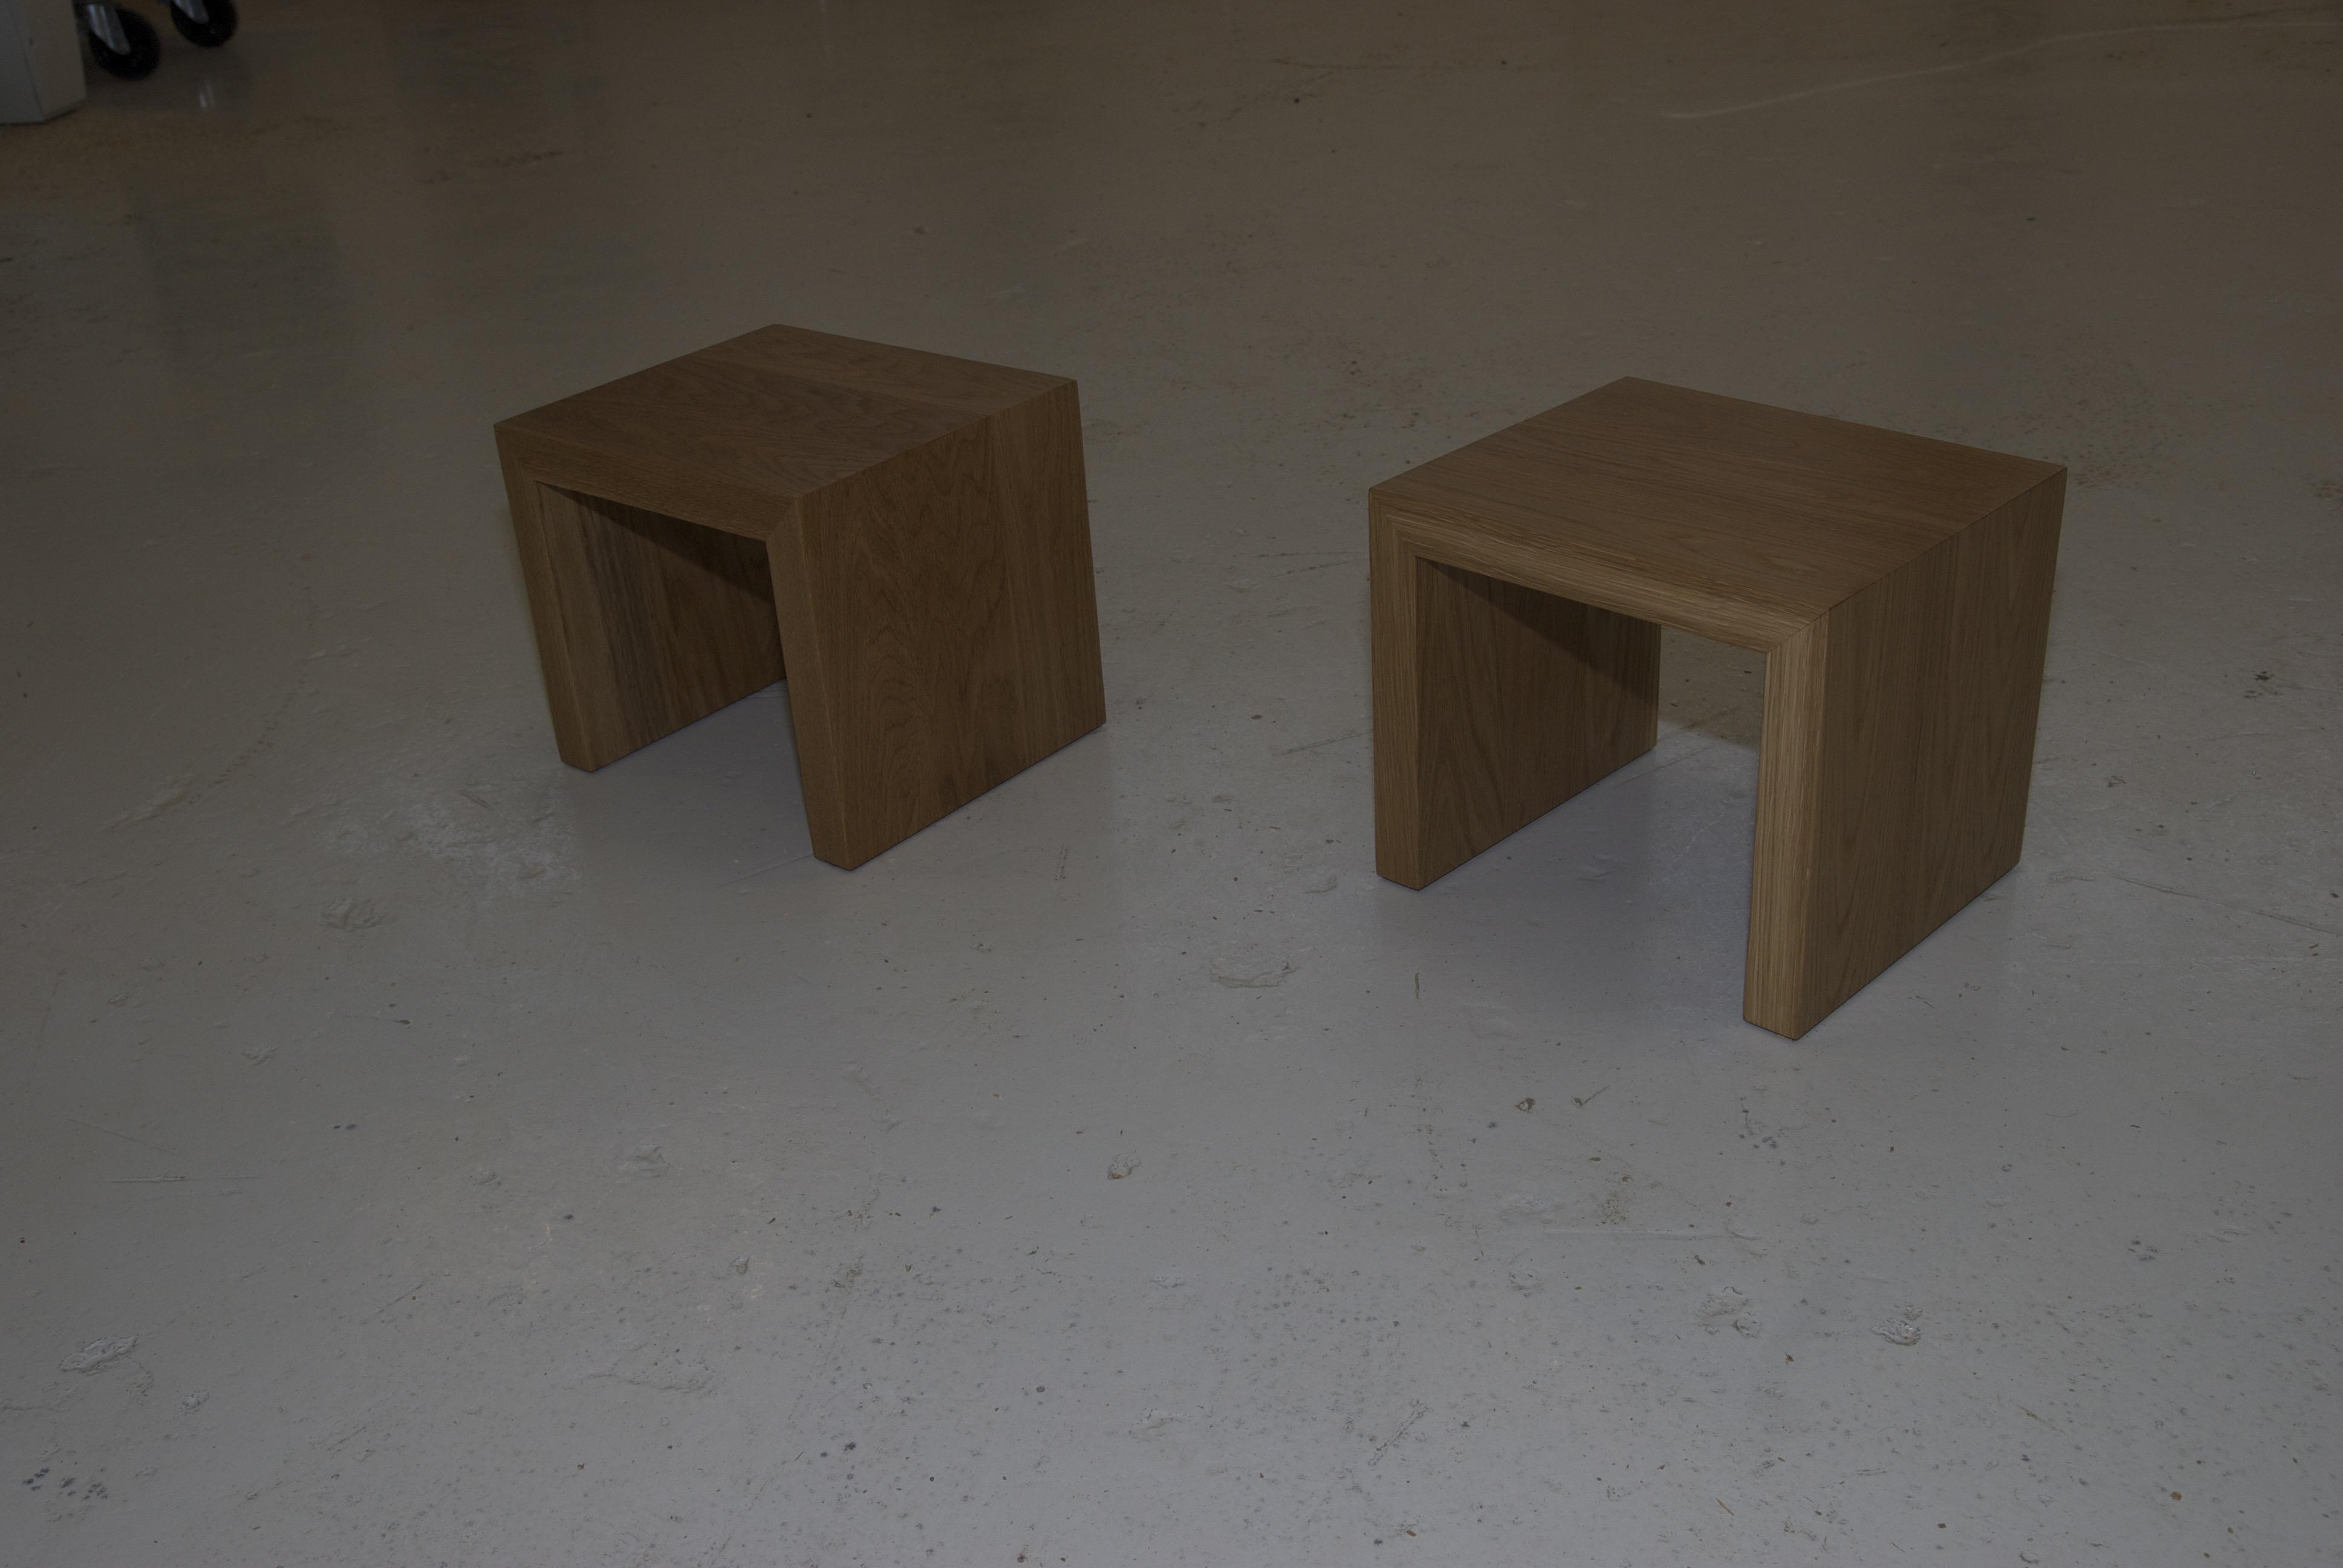 Tammiset yöpöydät